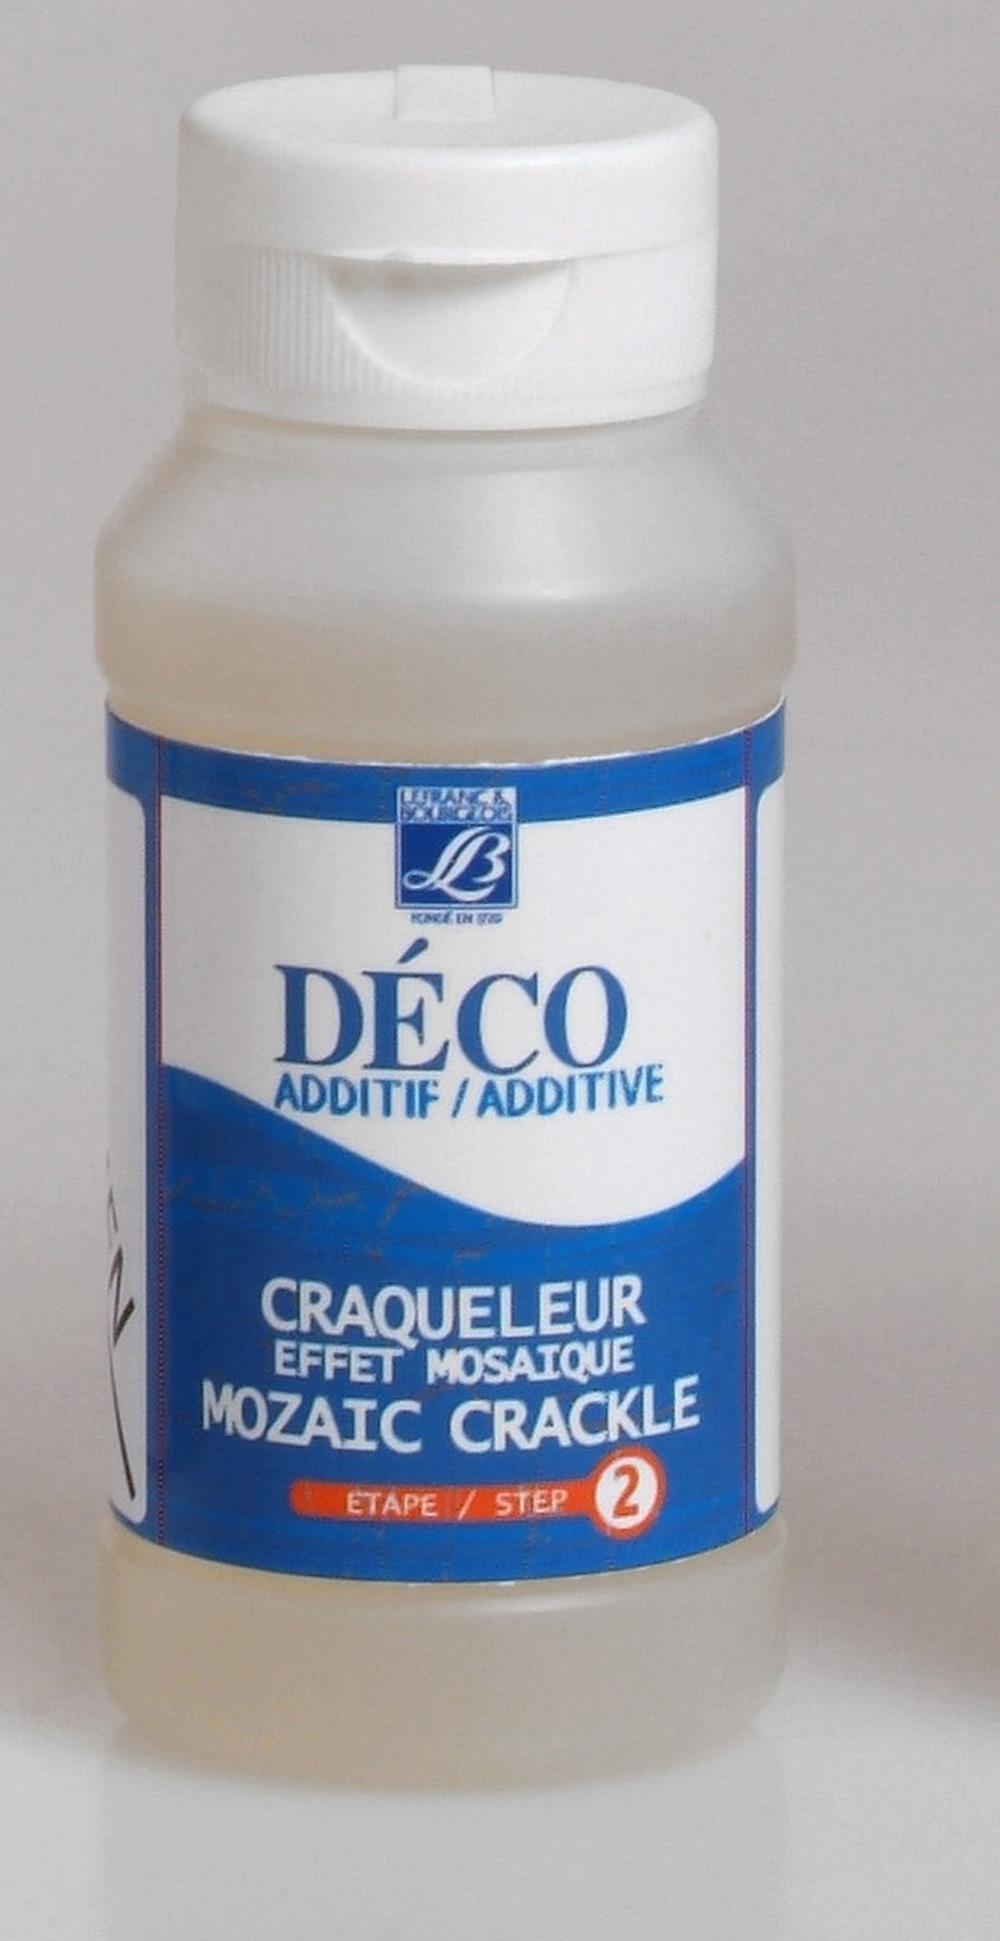 Hobbymedium L&B Deco Mosaik-krackelering steg 2, 120 ml Utgår